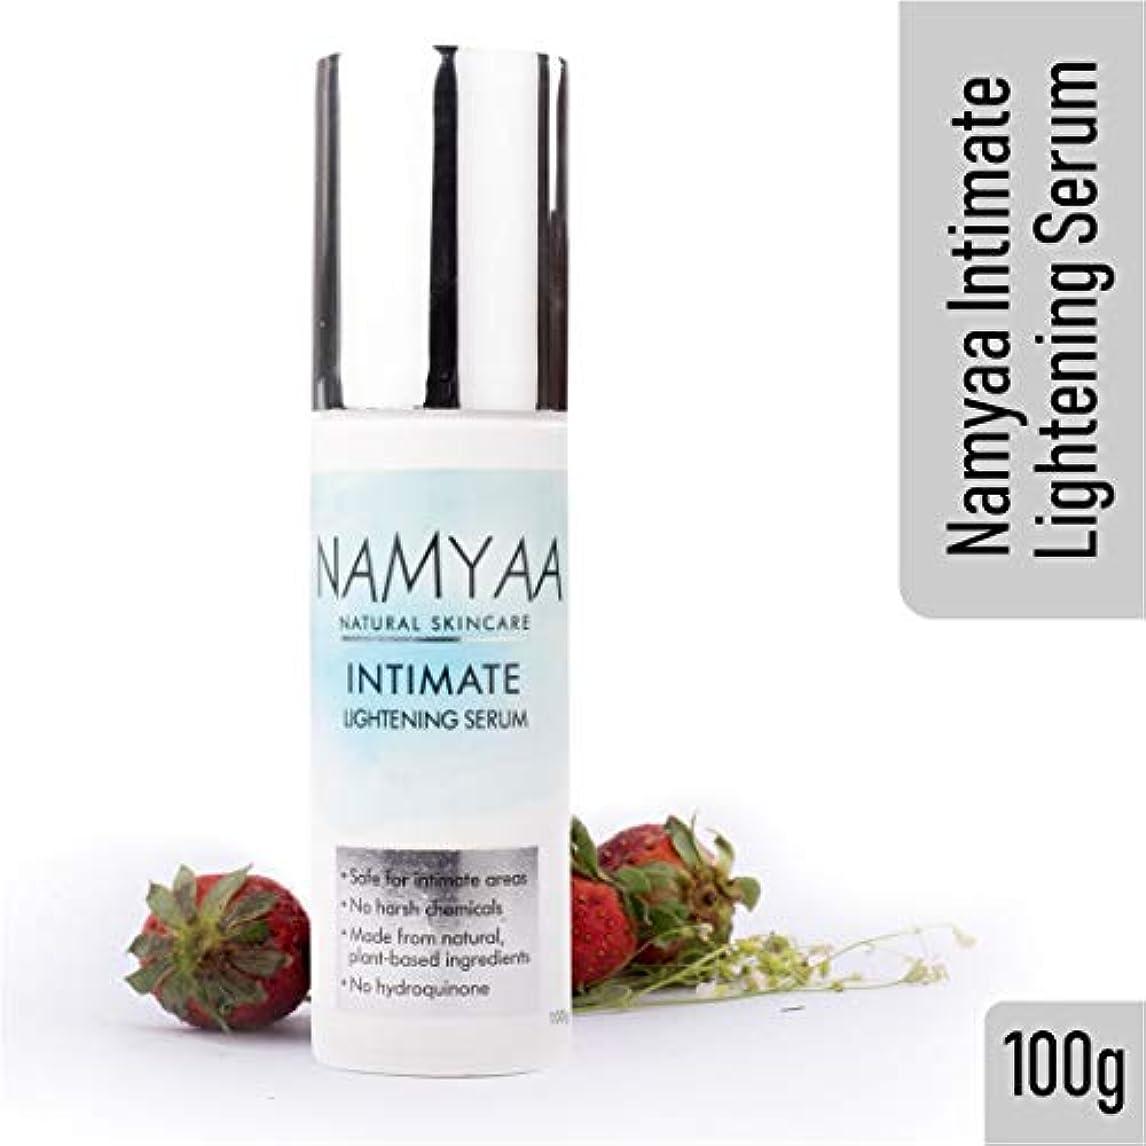 思い出す有害アルカトラズ島Qraa Namaya Intimate Lightening Serum, 100g